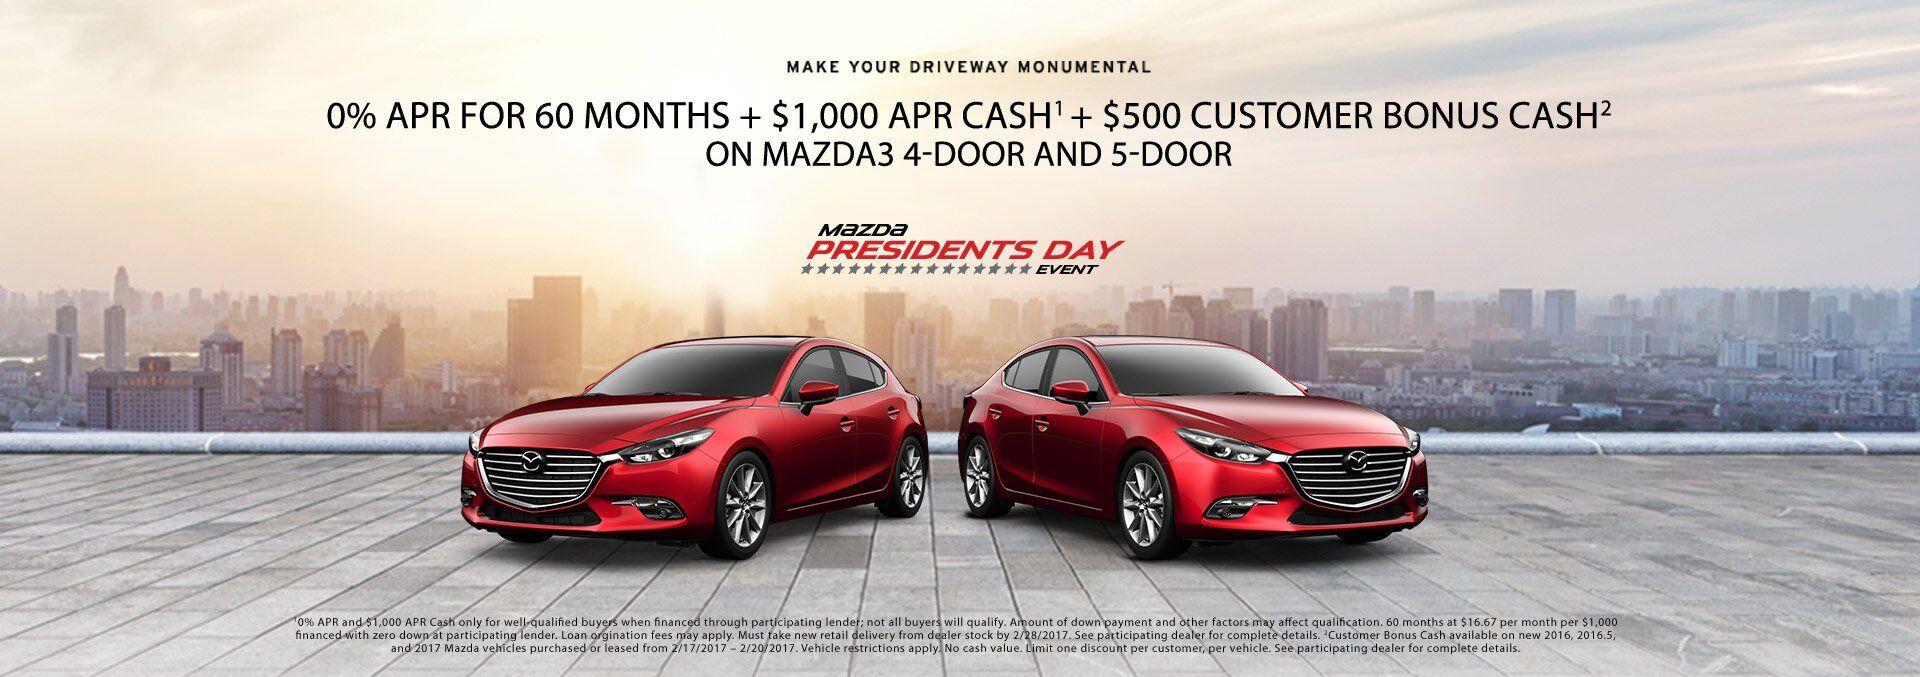 Mazda President's Day Event